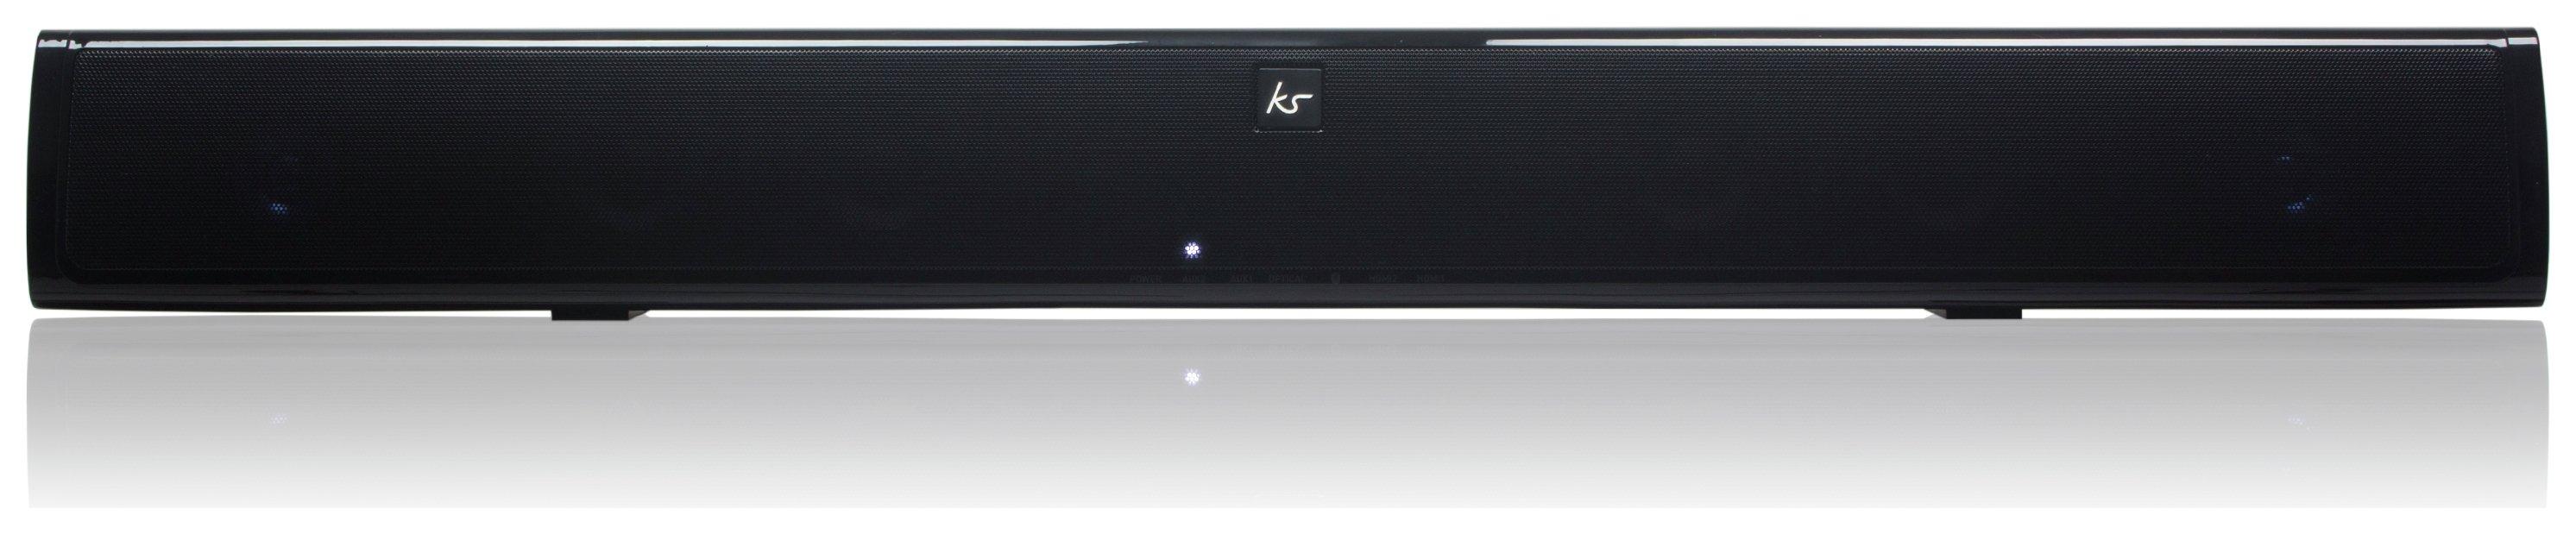 Kitsound KitSound - Ovation Wireless Soundbar Speaker.